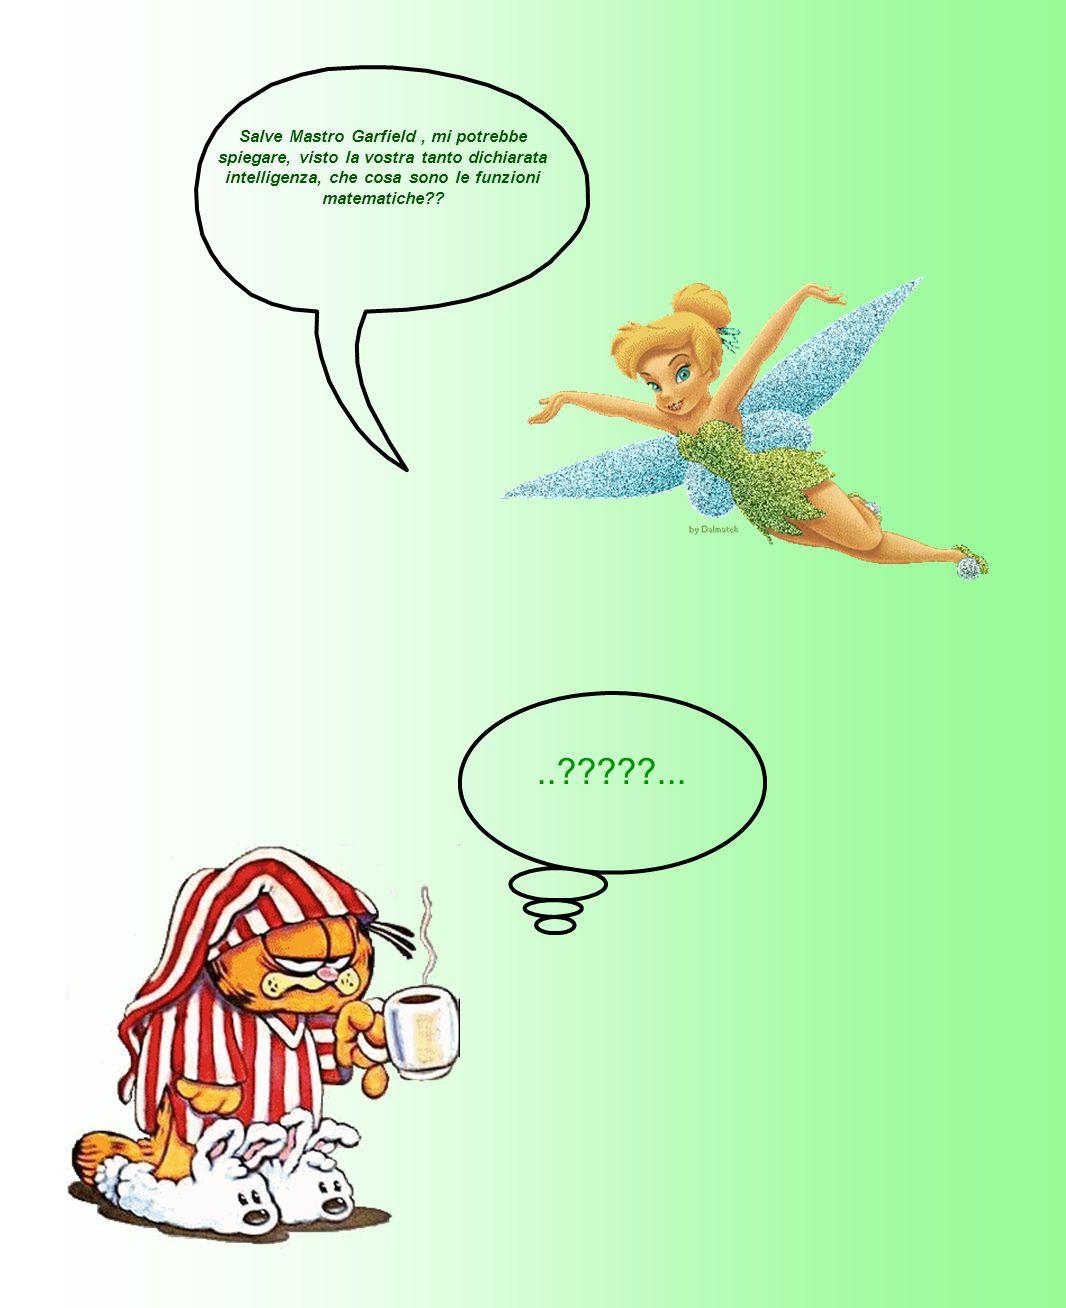 Salve Mastro Garfield, mi potrebbe spiegare, visto la vostra tanto dichiarata intelligenza, che cosa sono le funzioni matematiche??..?????...